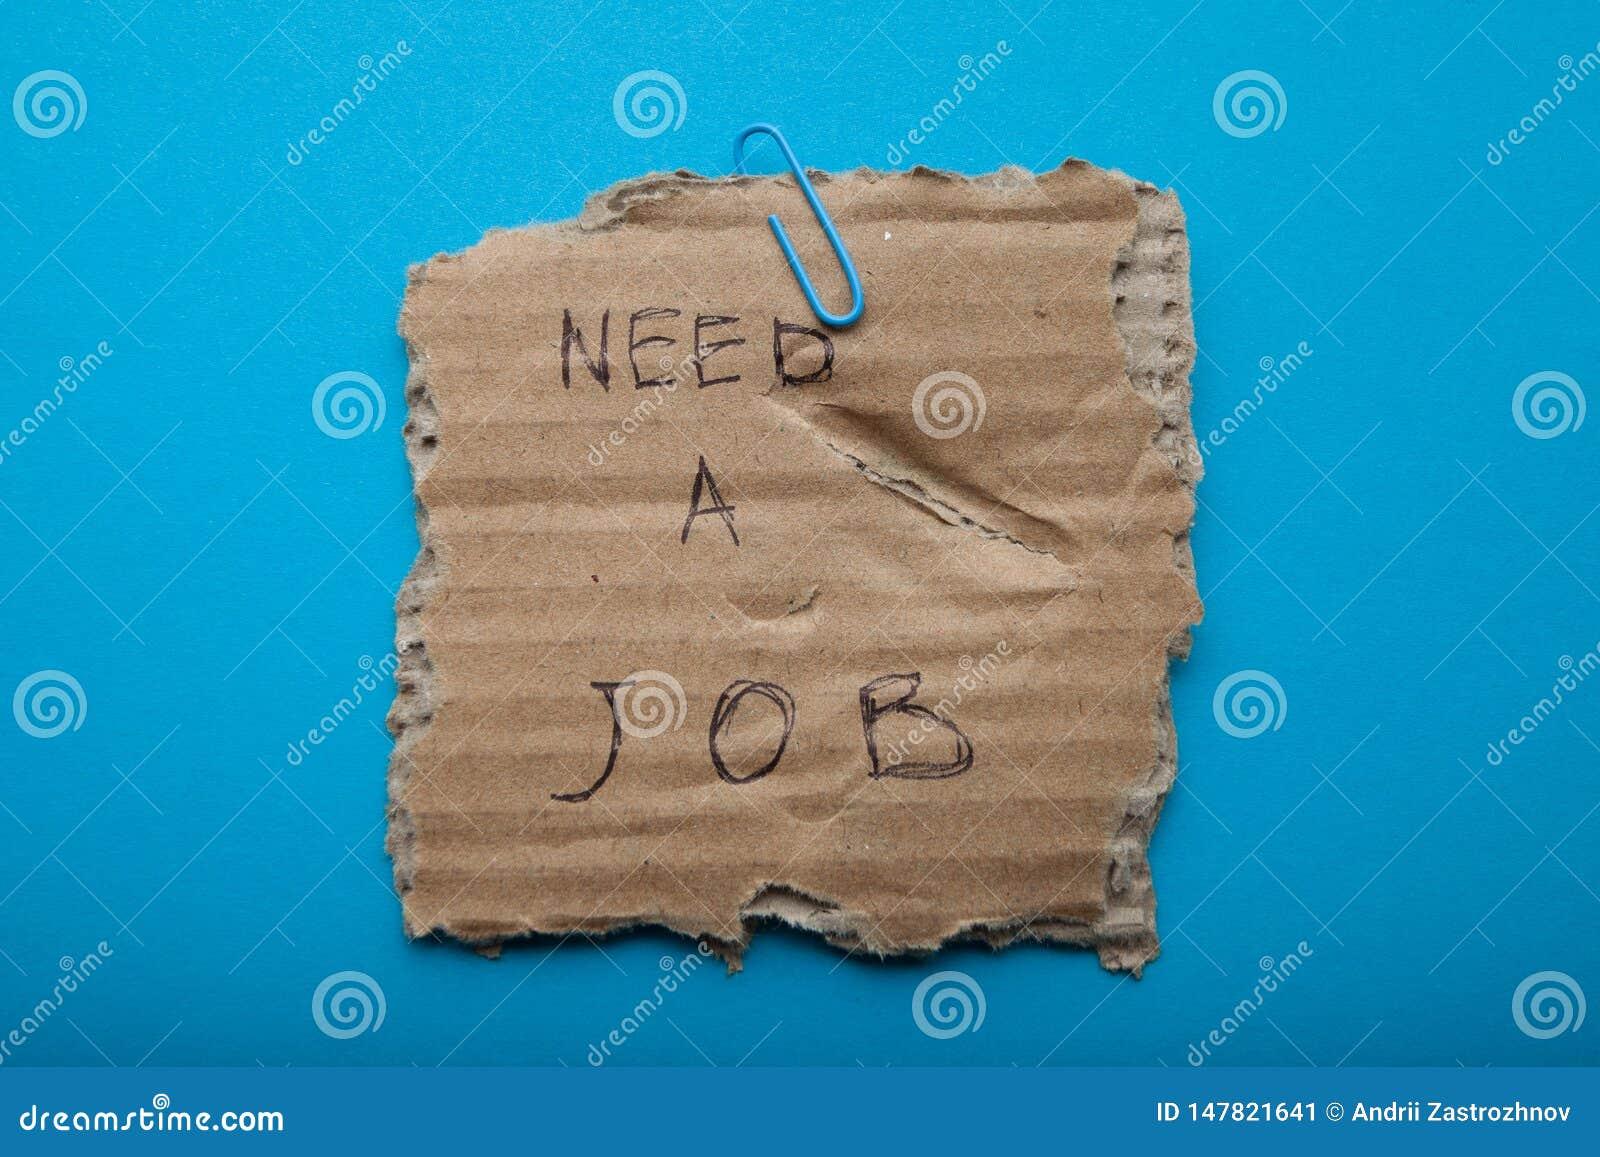 Rapport på att finna ett jobb på ett stycke av kartongen